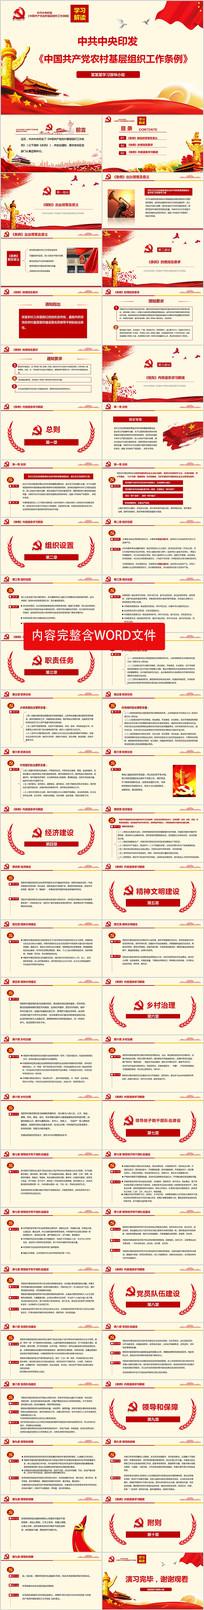 共产党农村基层组织工作条例PPT